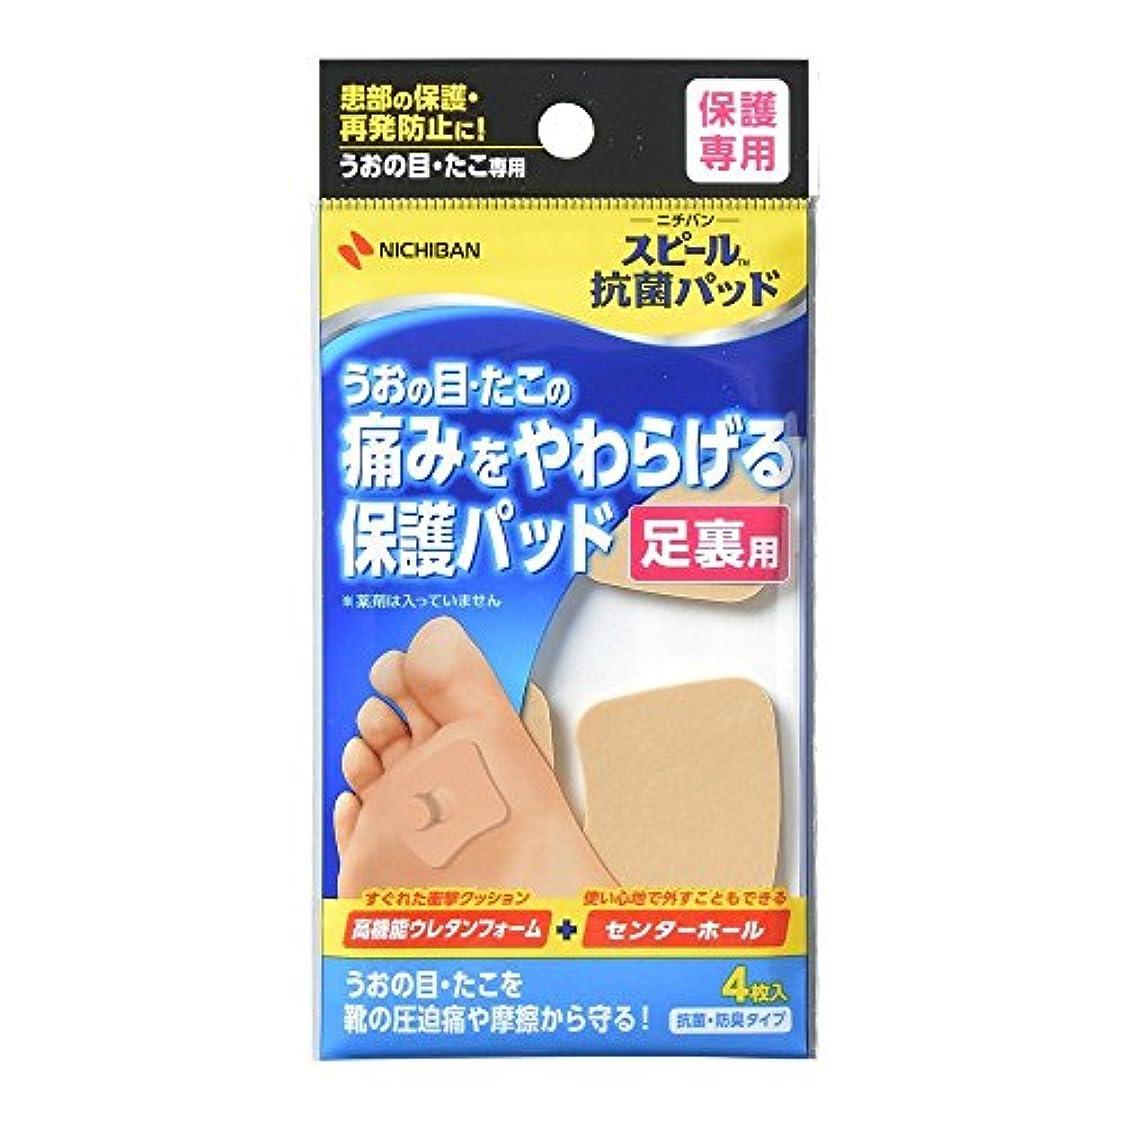 オーナメントレプリカ持続的【ニチバン】スピール抗菌パッド 足裏用 SPPAU 4枚 ×3個セット